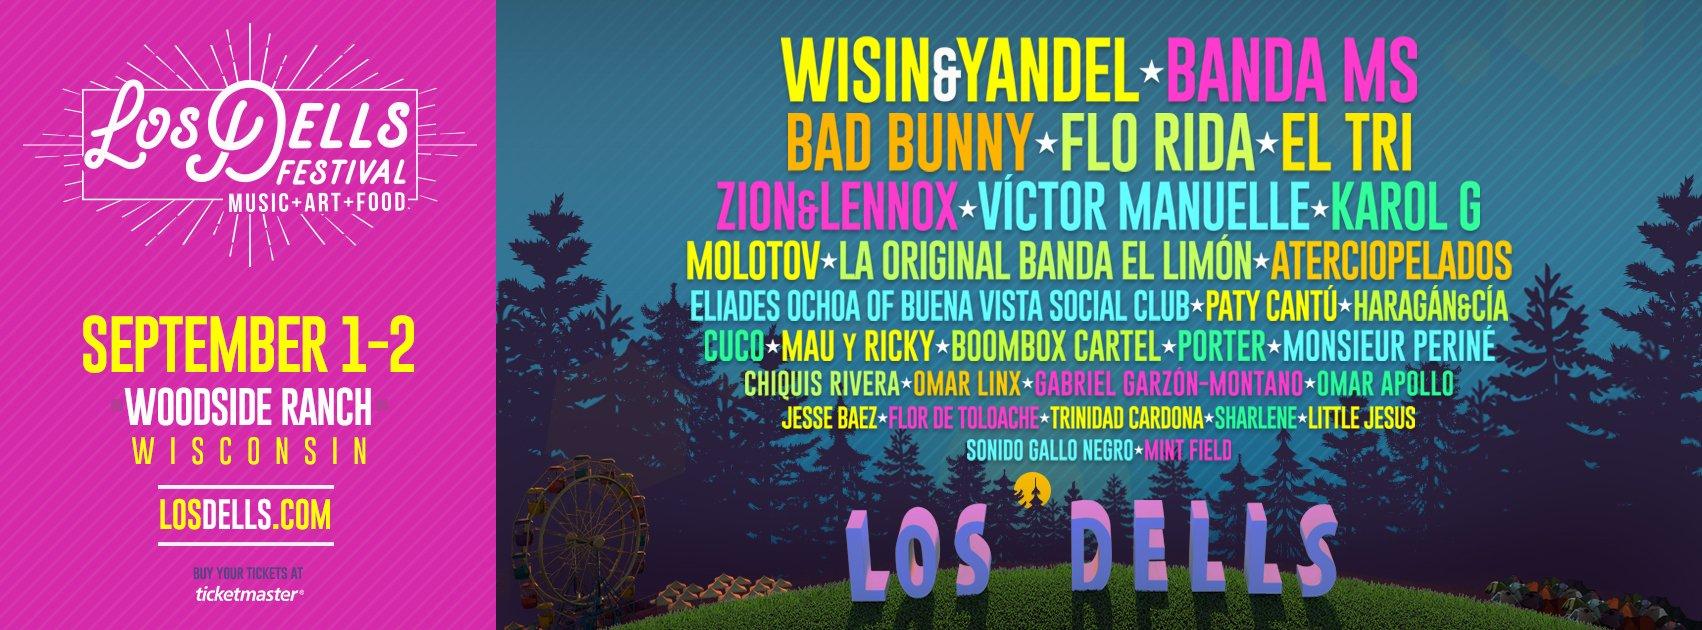 Los Dells Festival - 2018